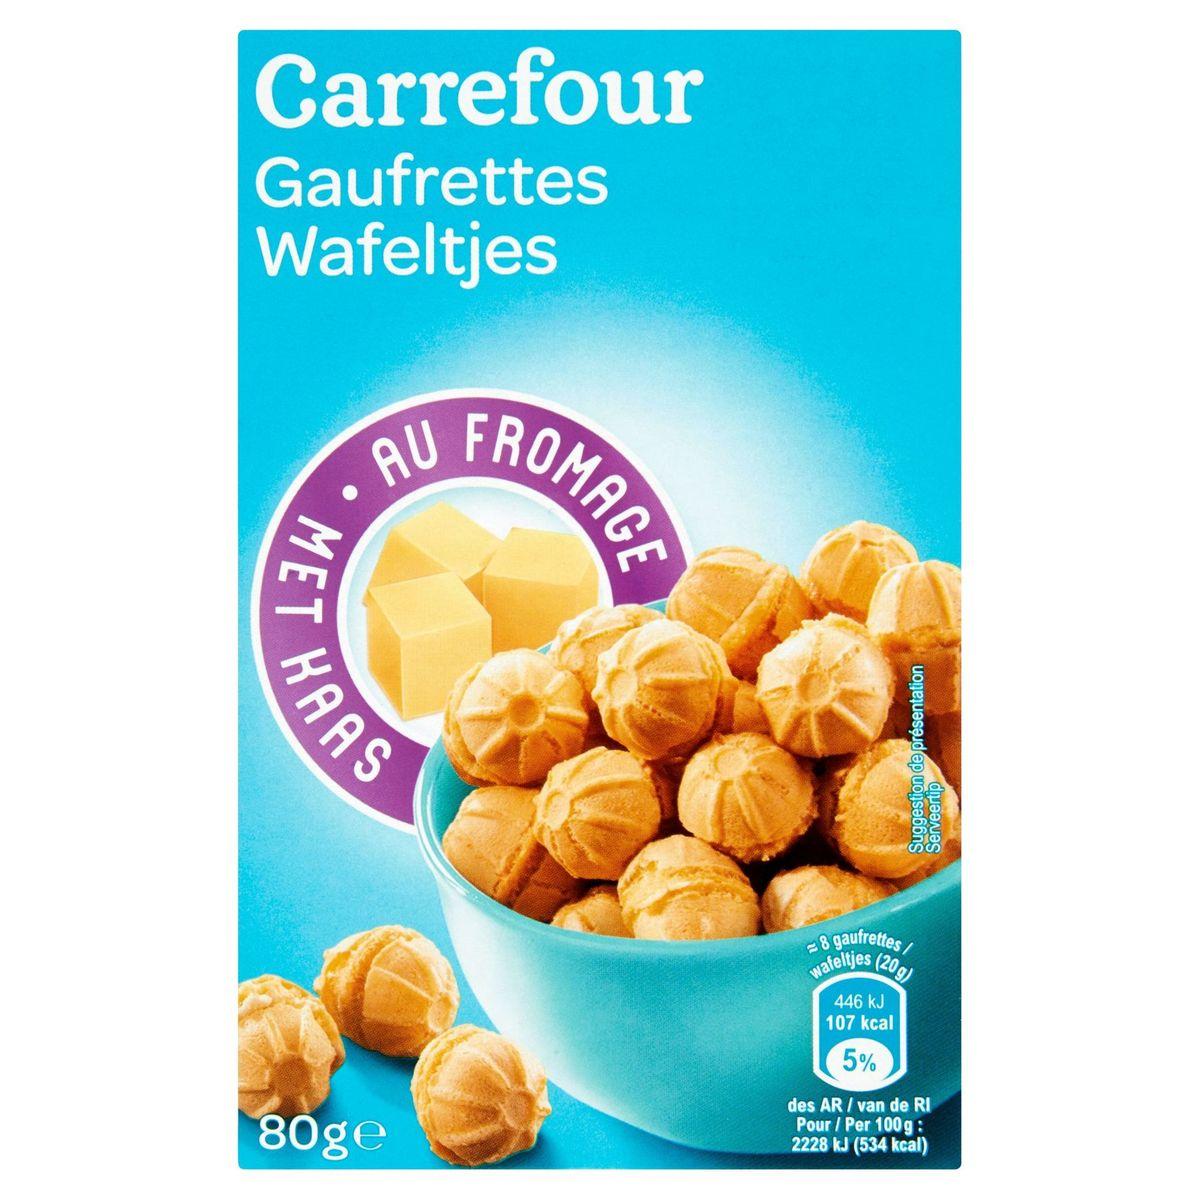 Carrefour Gaufrettes au Fromage 80 g